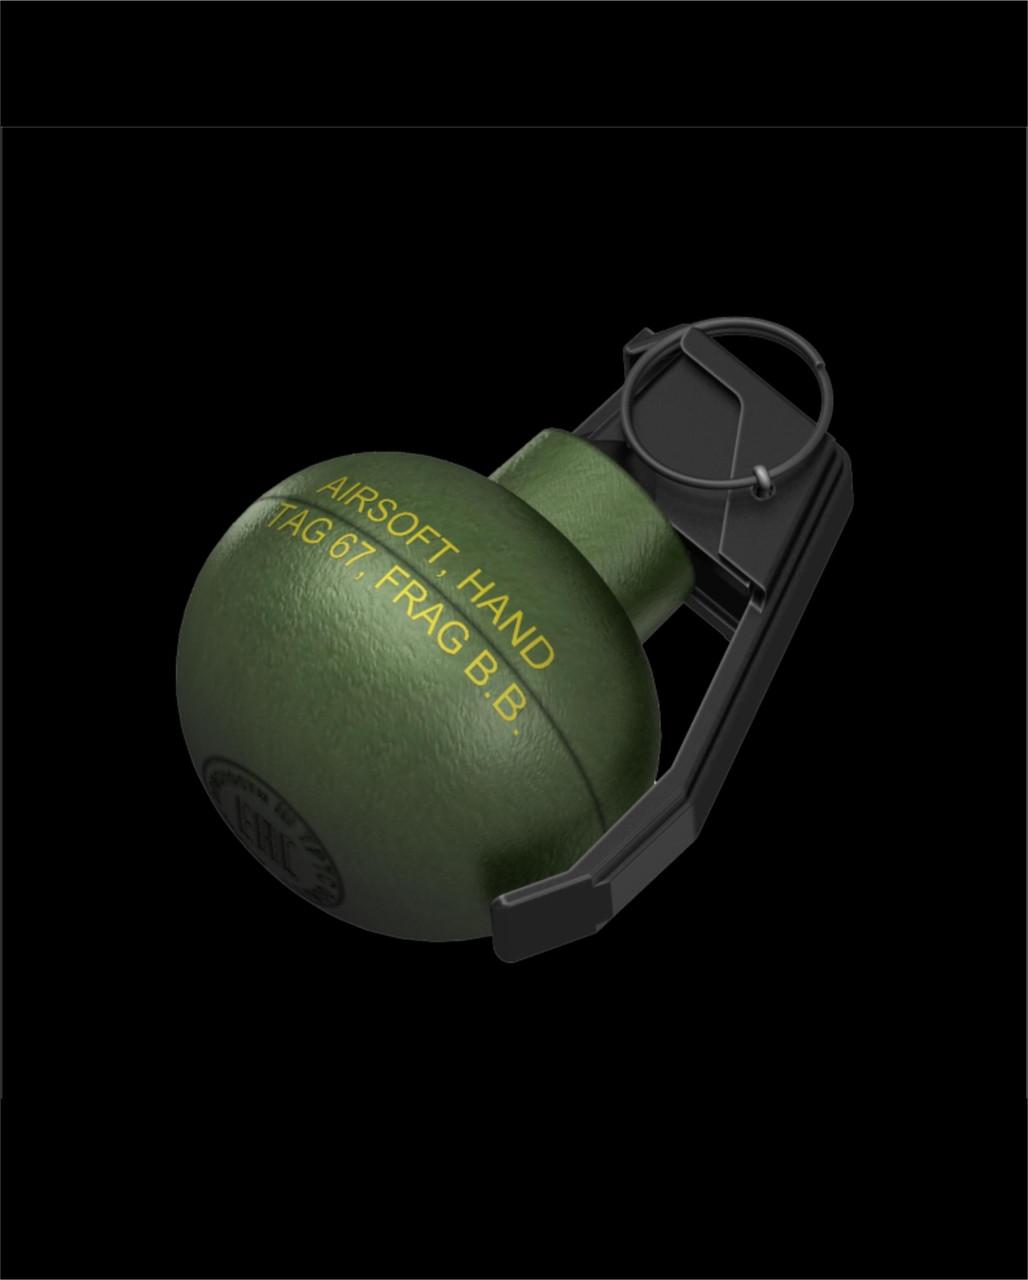 TAG-67 Hand Grenade (6 Pack) (Pickup or Hazmat Shipping)